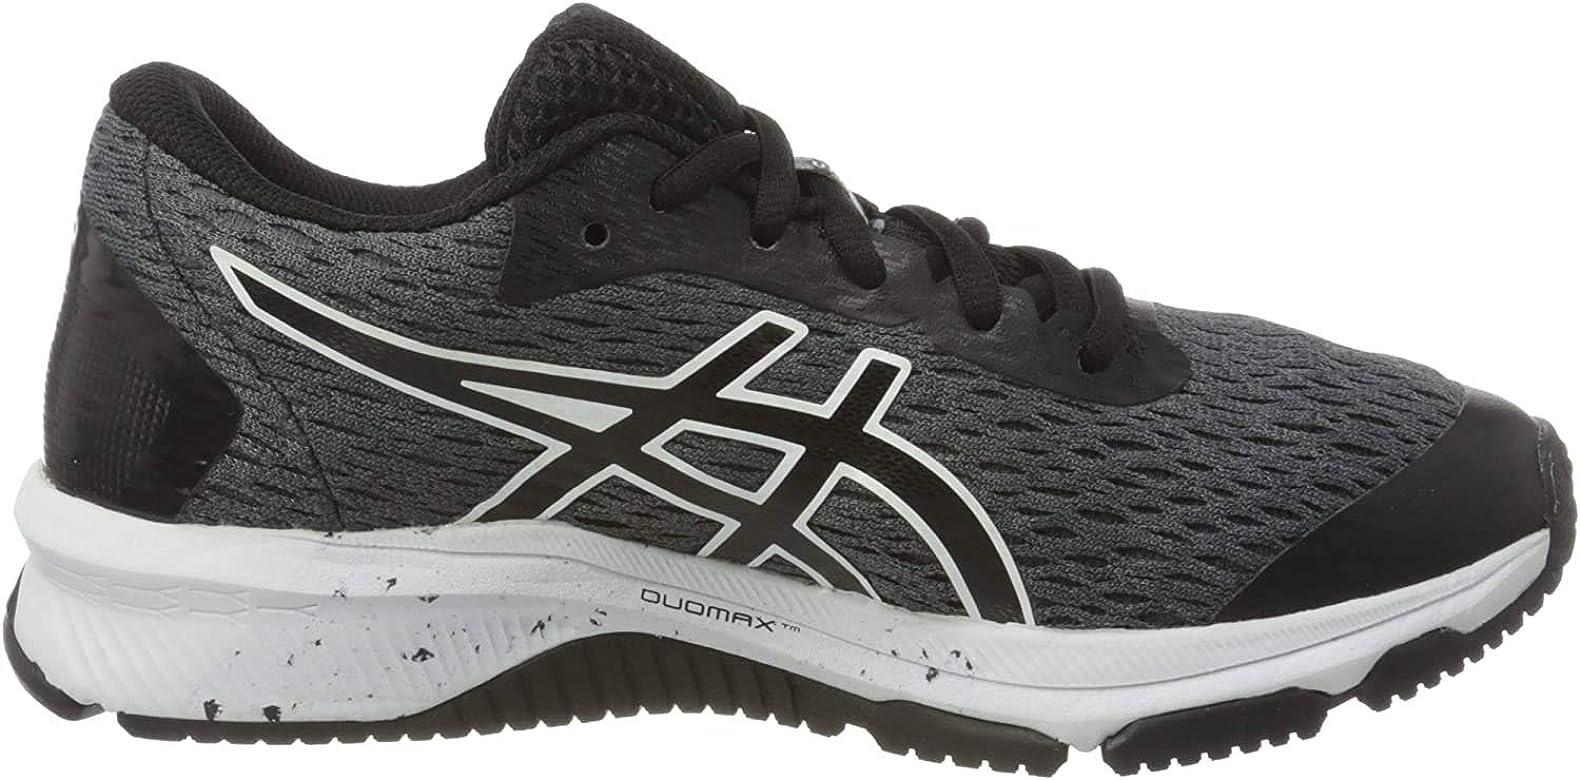 Asics GT-1000 9, Sneaker Unisex niños, Metropolis/Black, 32.5 EU: Amazon.es: Zapatos y complementos